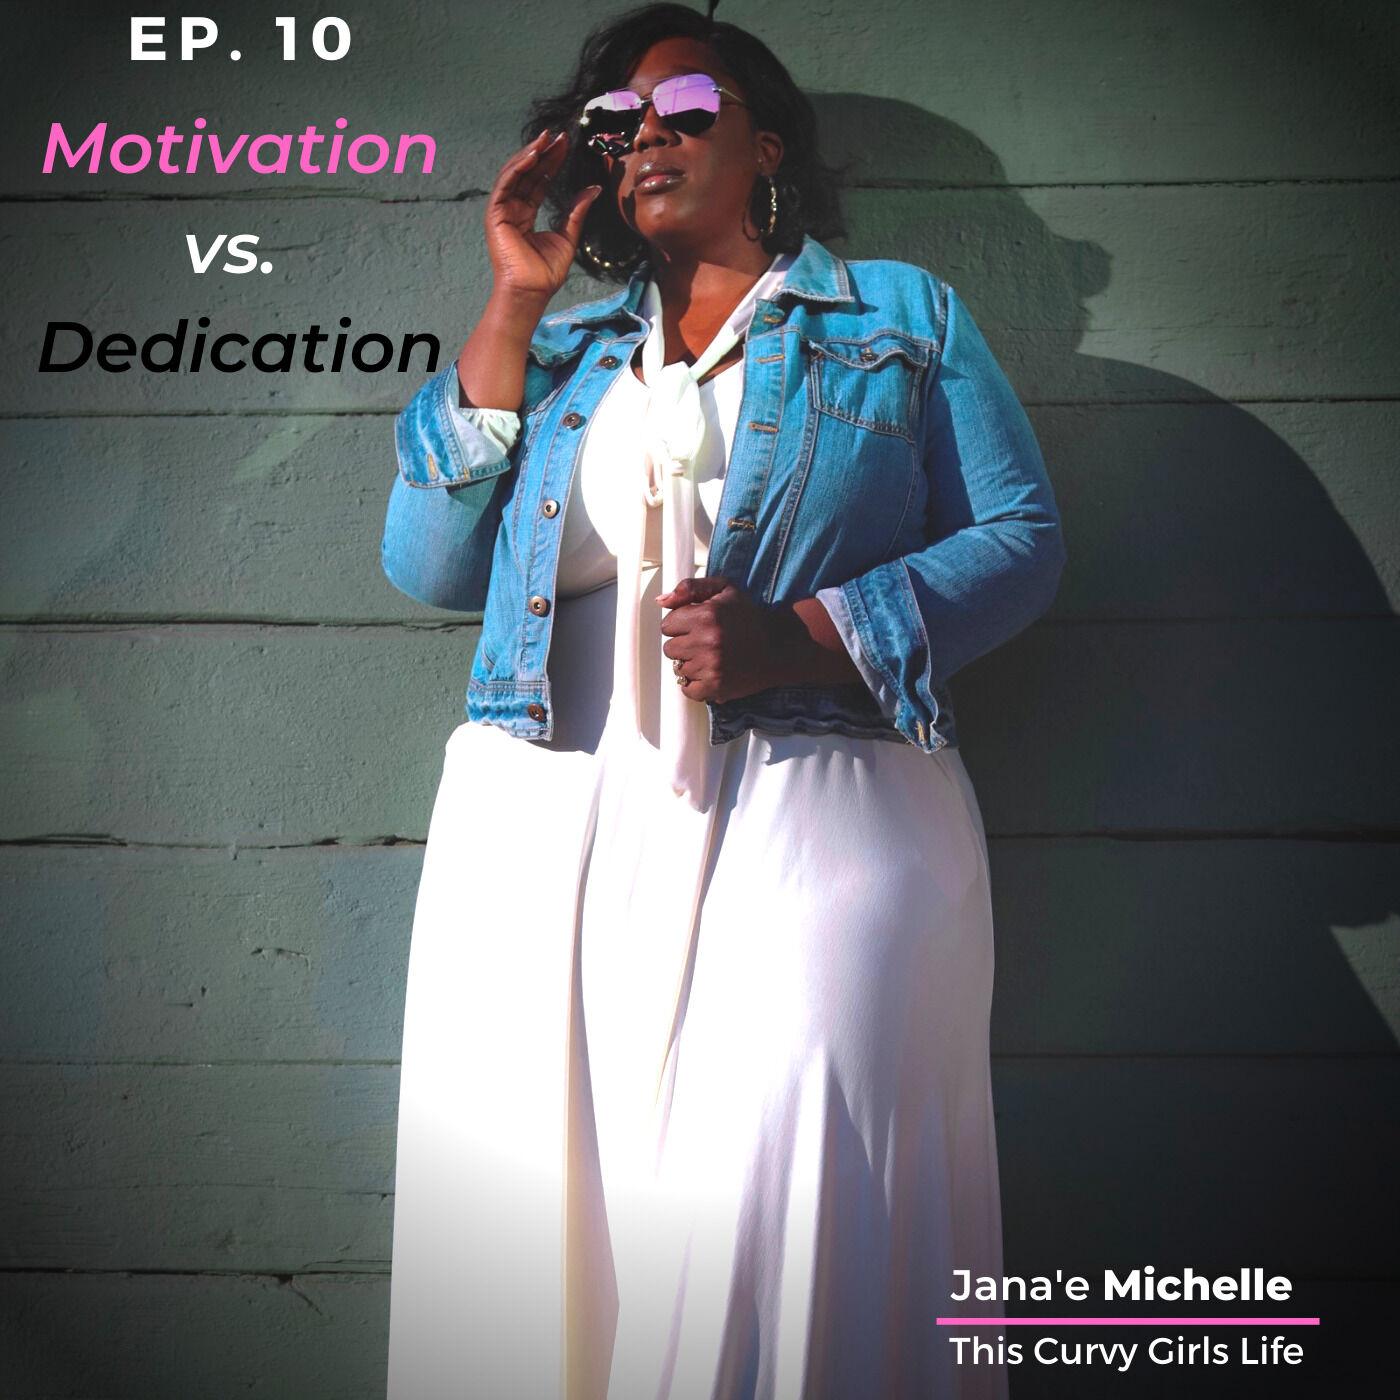 Motivation vs. Dedication